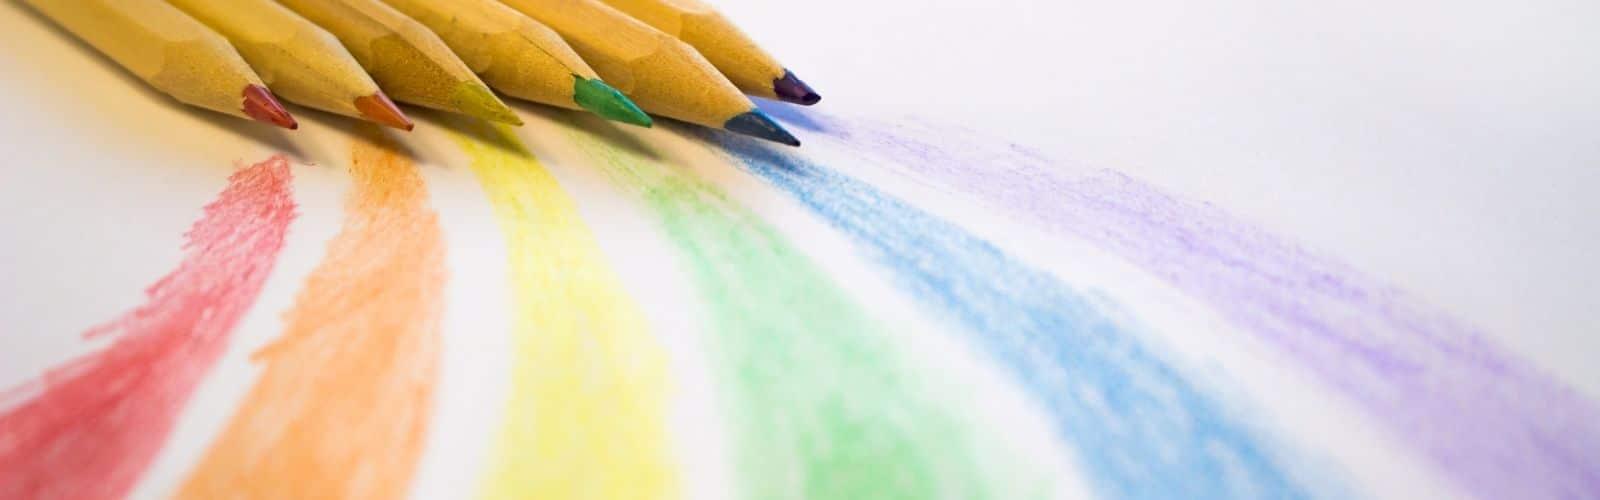 Apprendre les couleurs : 4 activités pour apprendre les couleurs primaires aux enfants